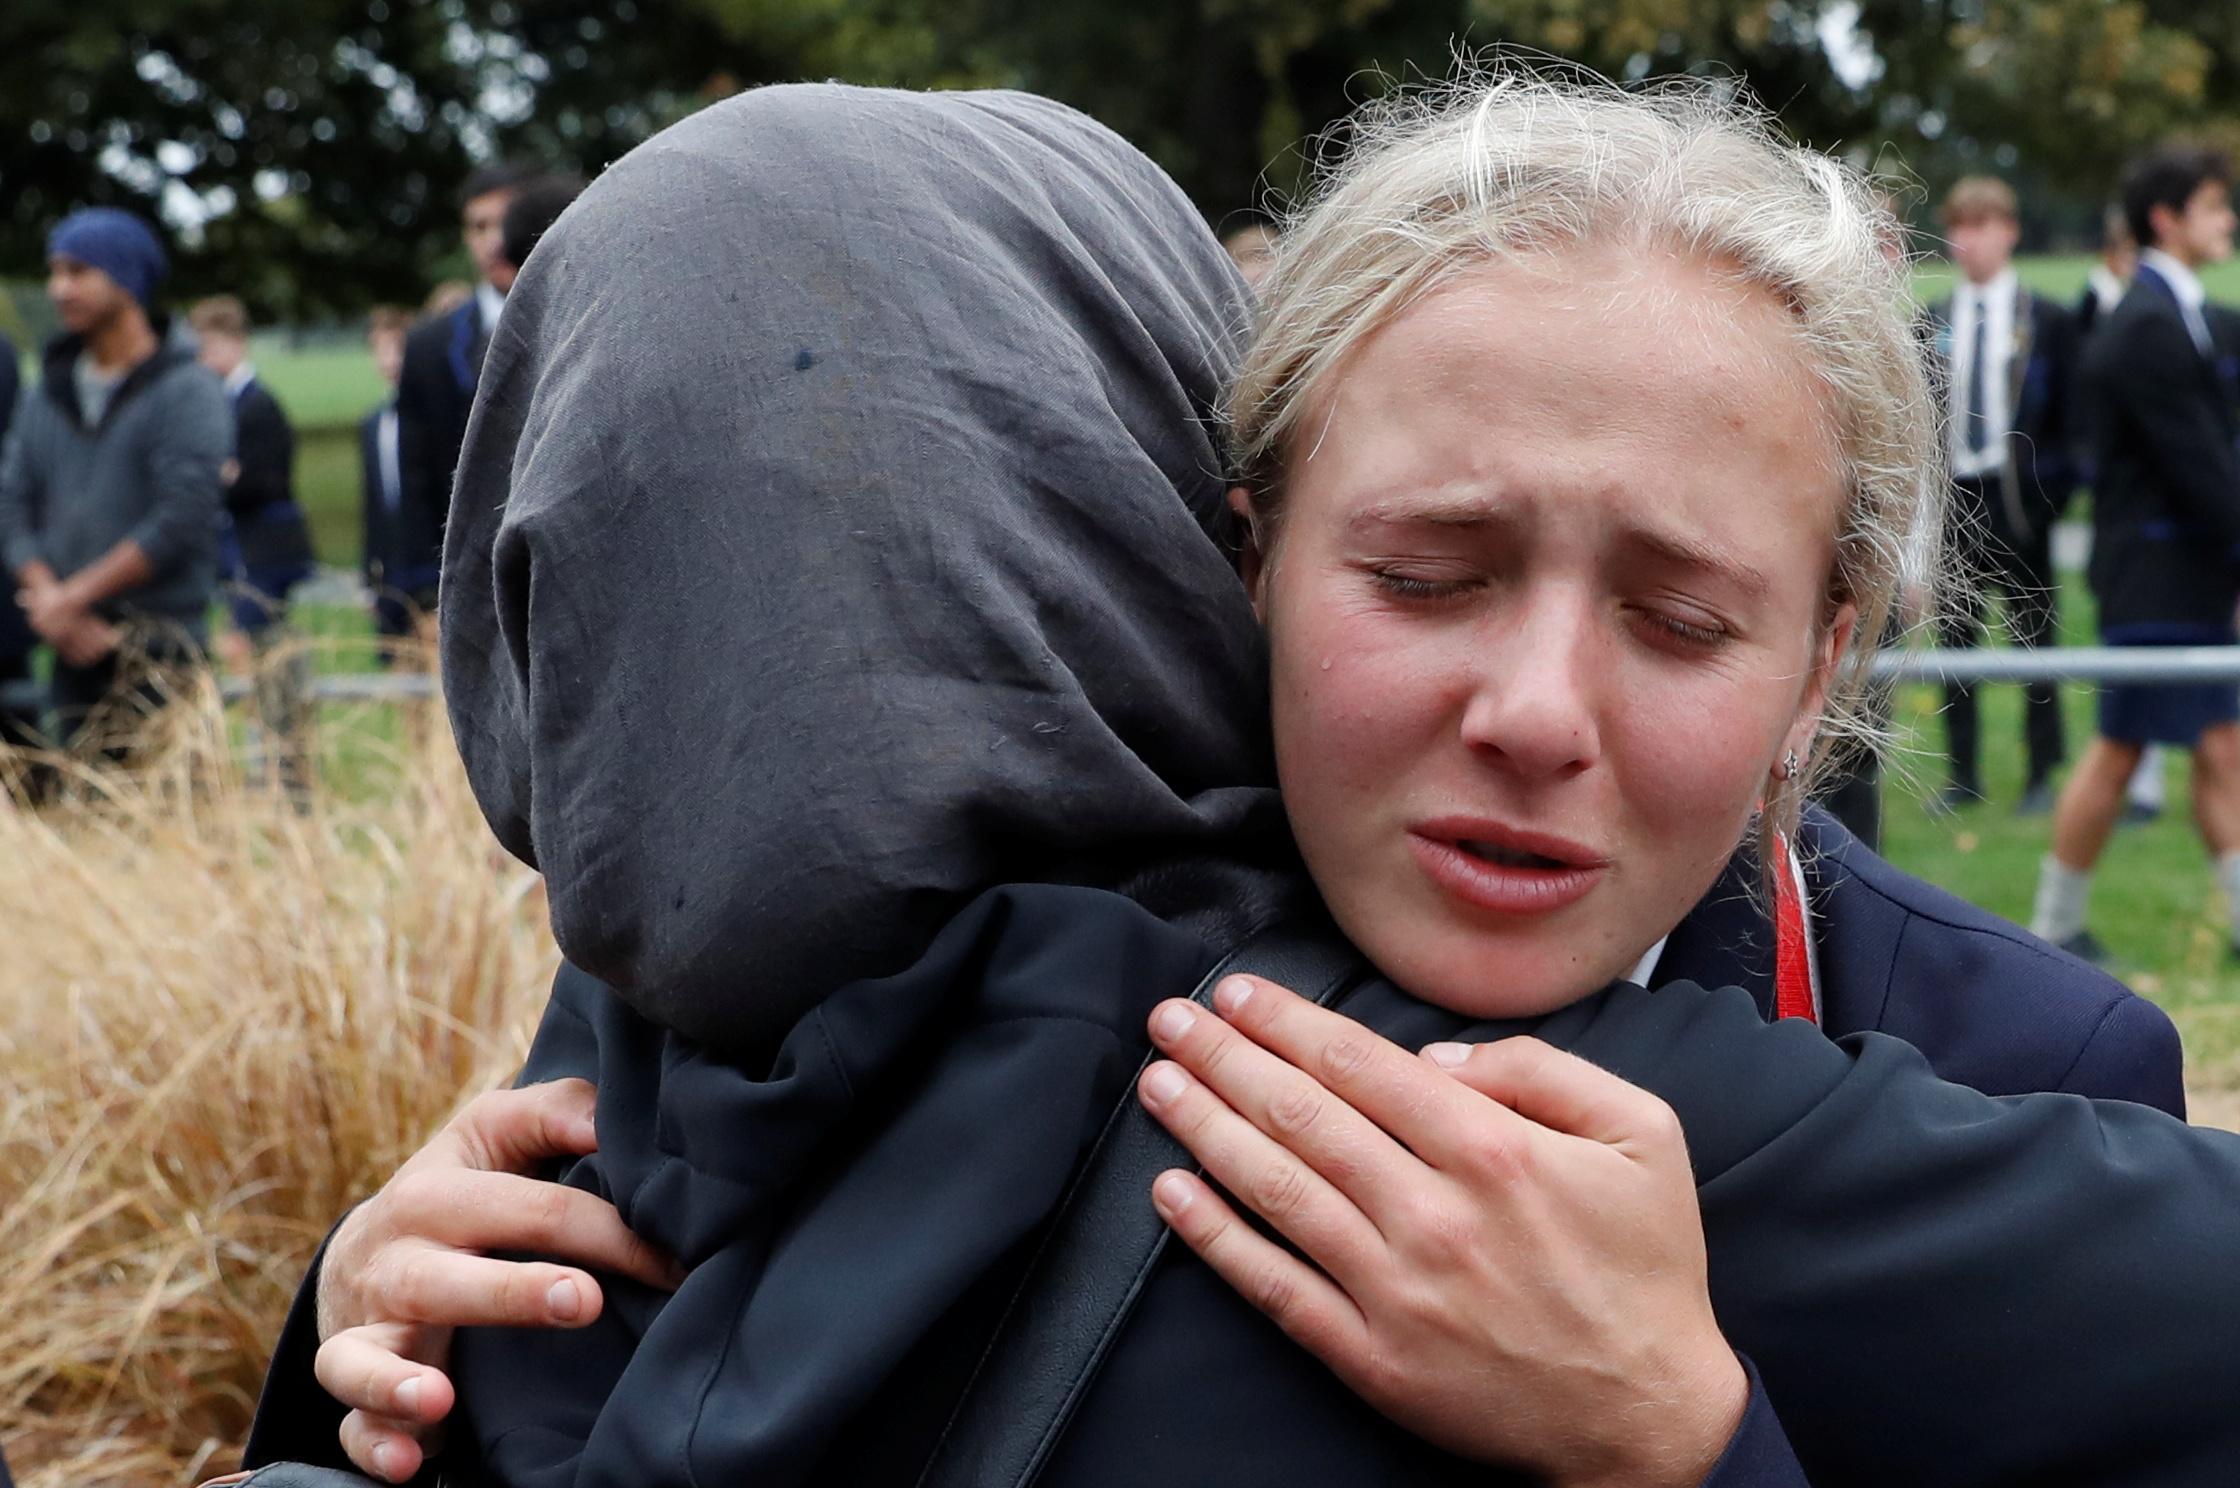 طالبة نيوزلندية تعزى زميلتها فى استشهاد قريبها